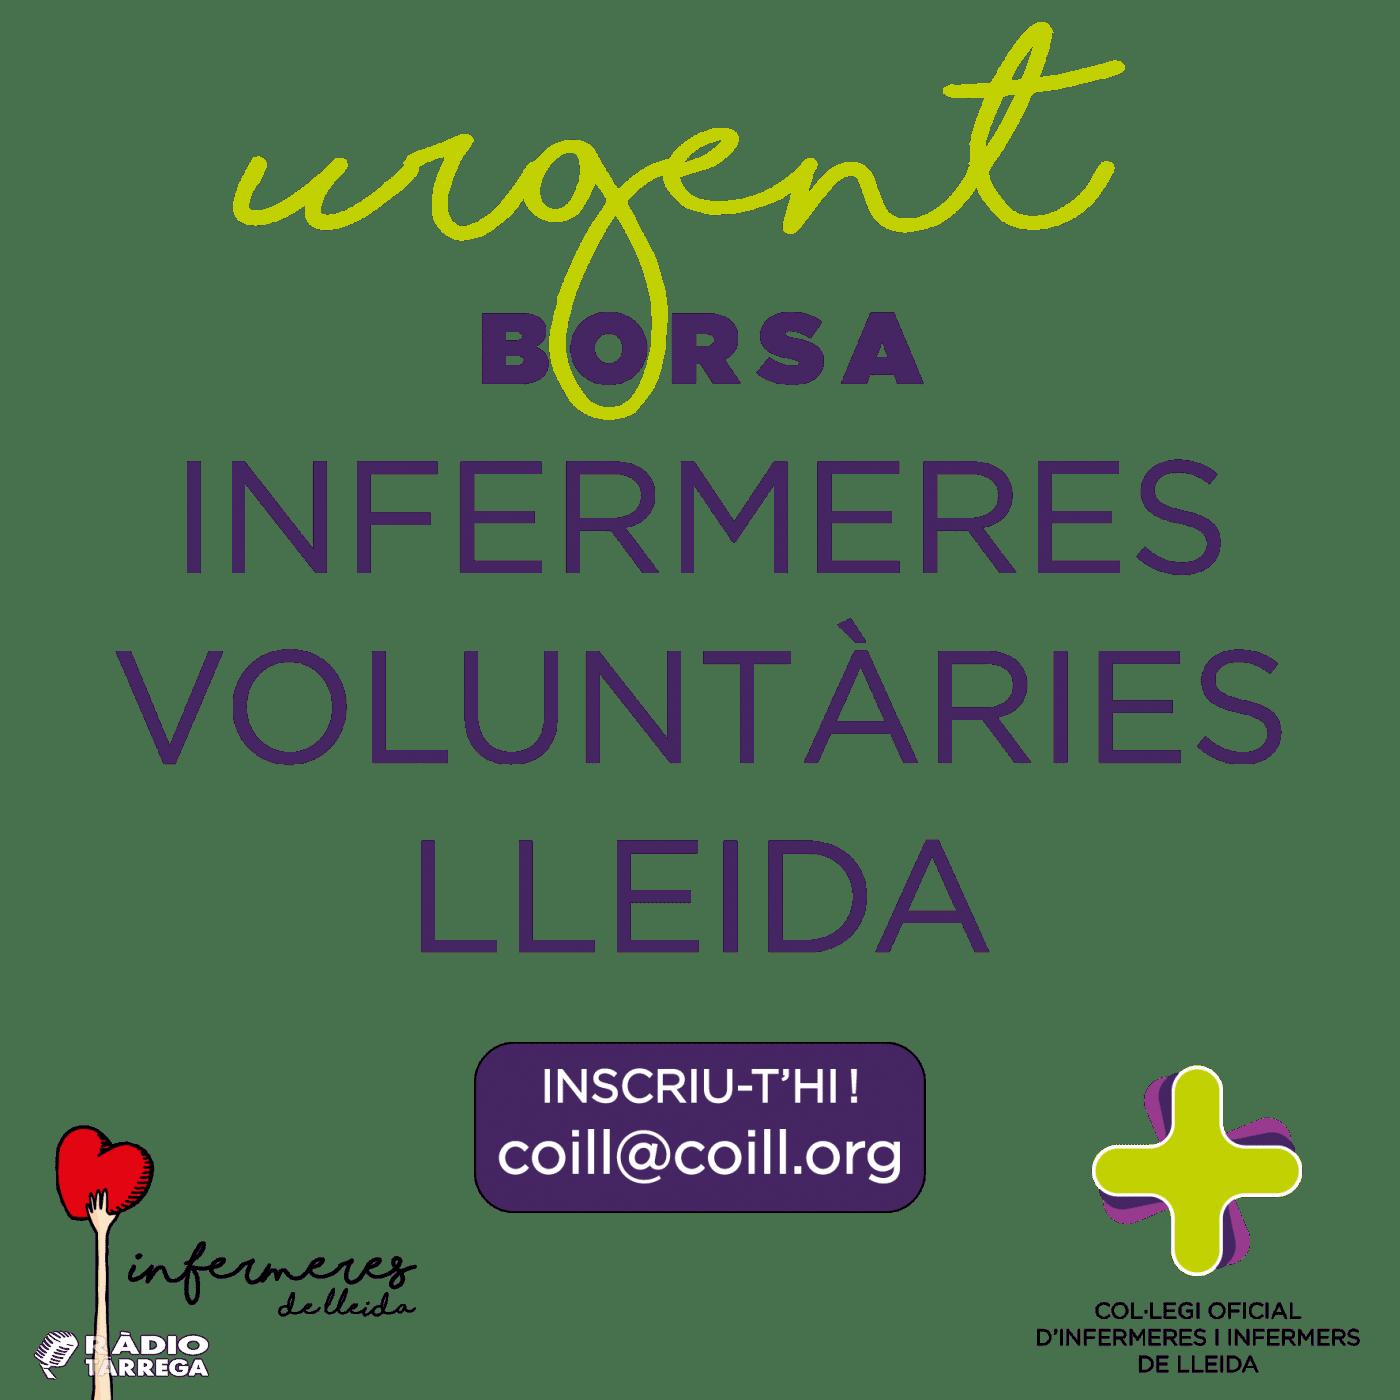 El COILL fa a una crida urgent per reclutar Infermeres Voluntàries a Lleida